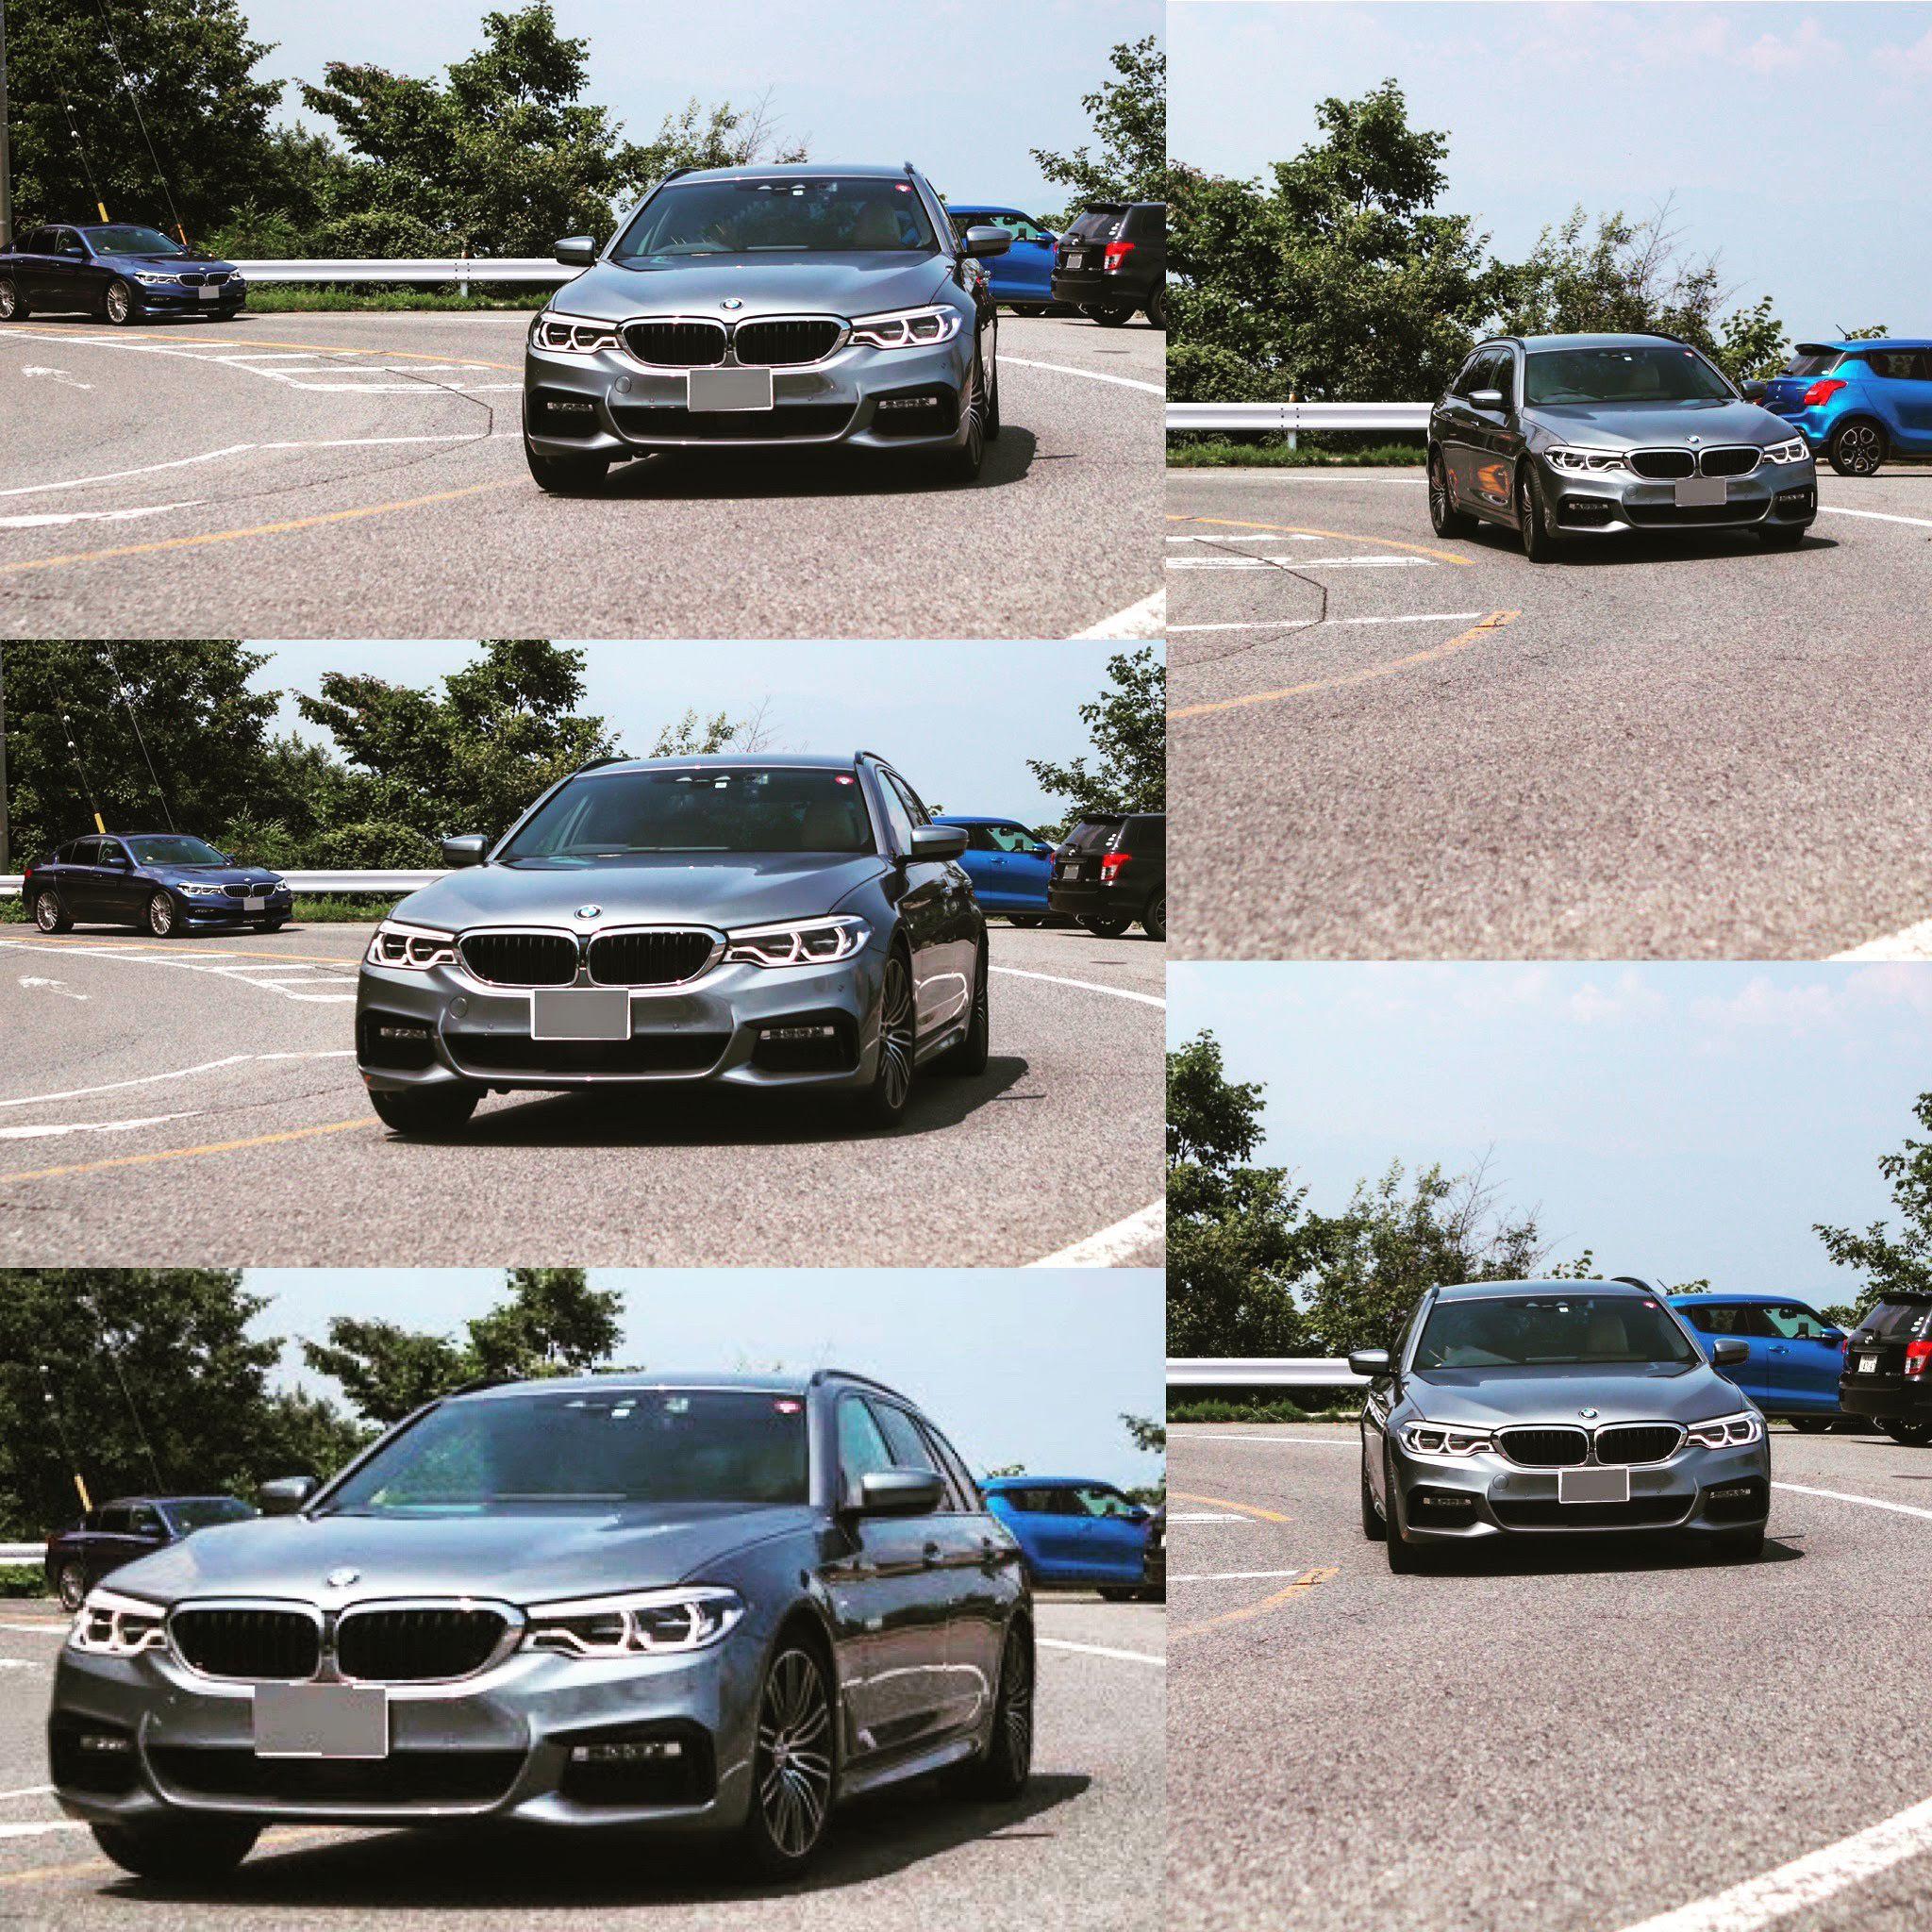 榛名山うどんツーリングオフ!撮影班の皆様から愛車BMM G31の素敵な走行写真を頂きました(^^)